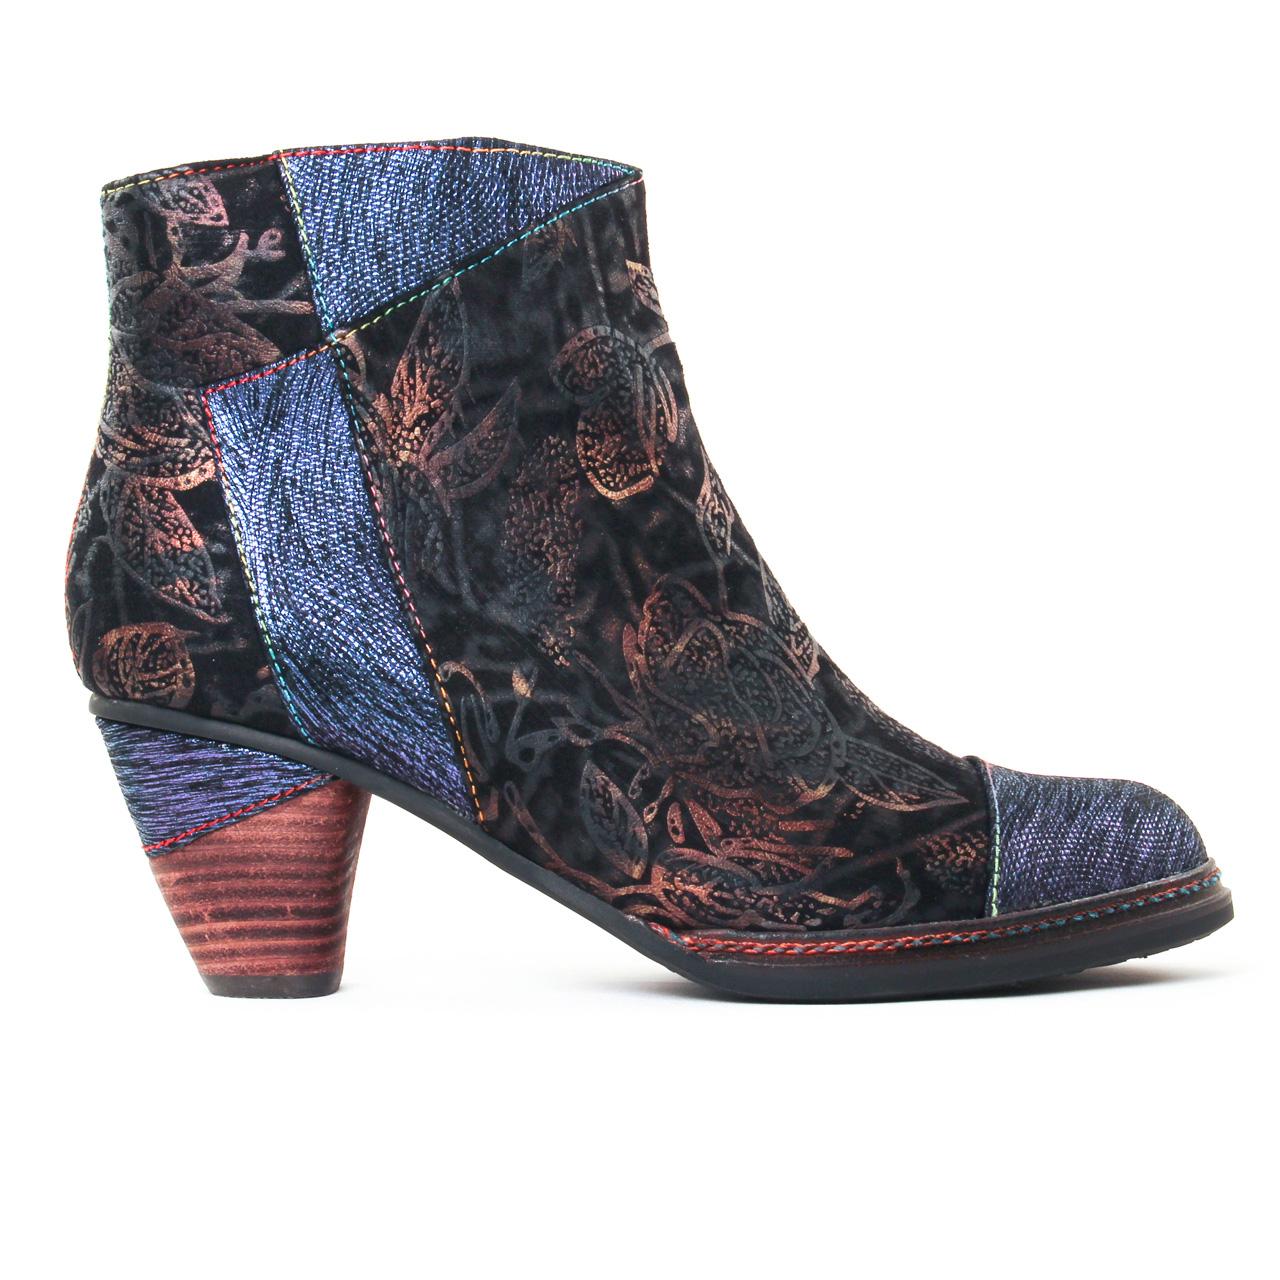 3dede280ce4 Laura Vita Alizee Bleu. ◅ Retour - Chaussures femmes ...